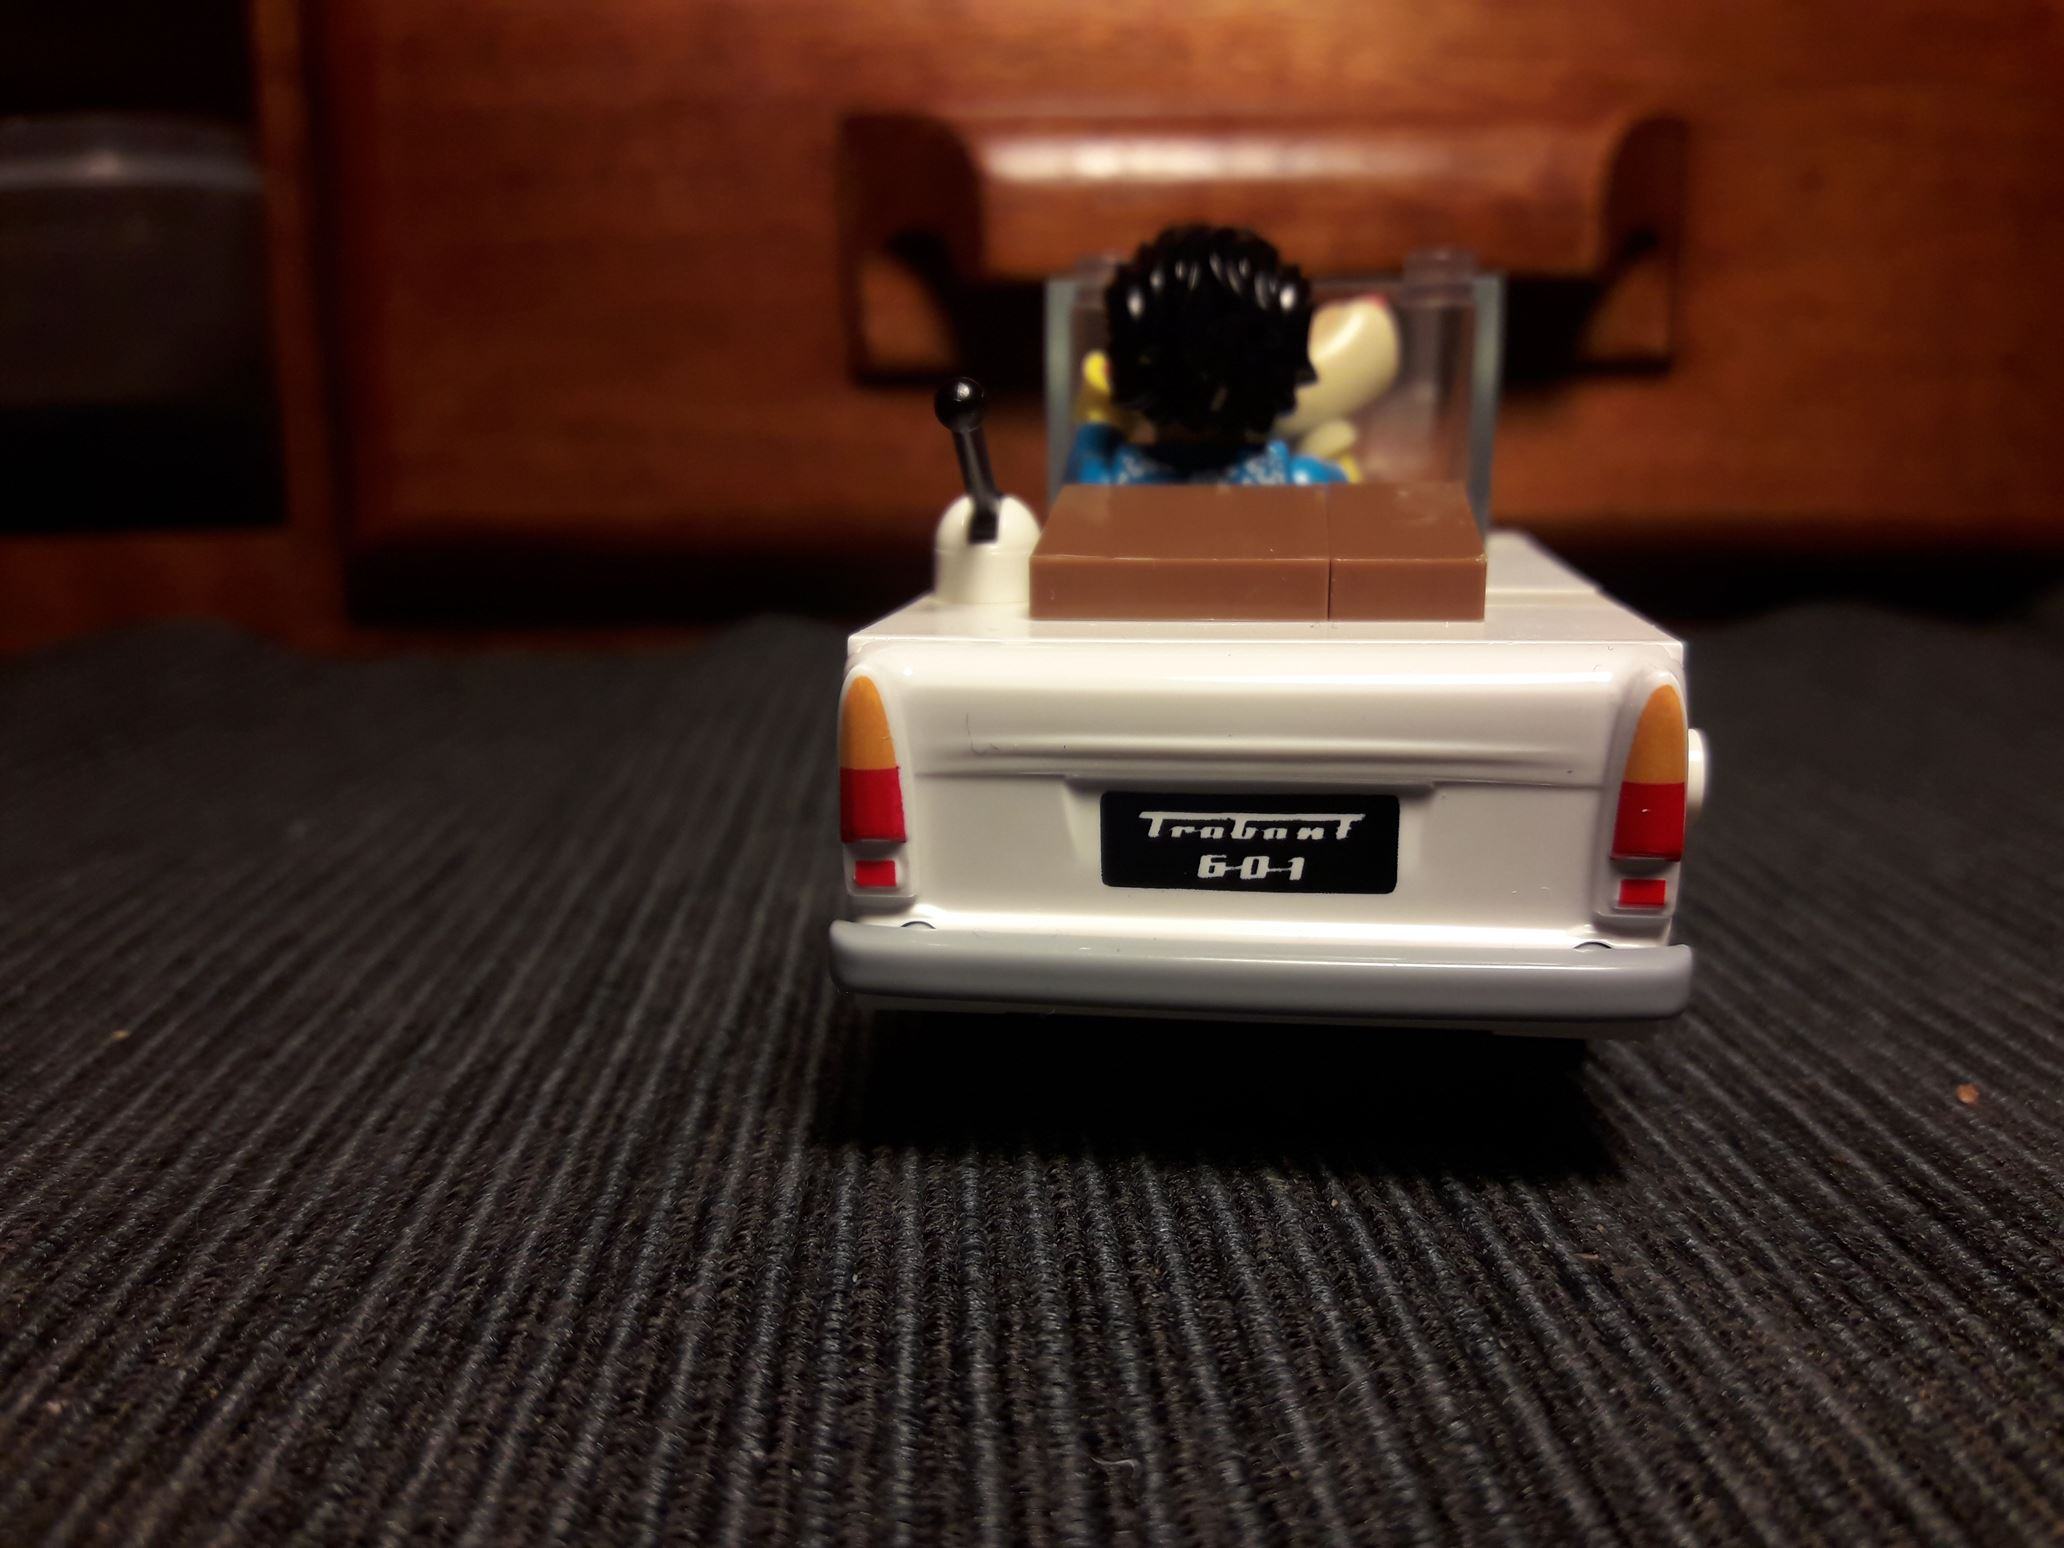 Der Roadster soll eine Fusion von klassischer Bauweise mit der Youngtimerreihe darstellen.